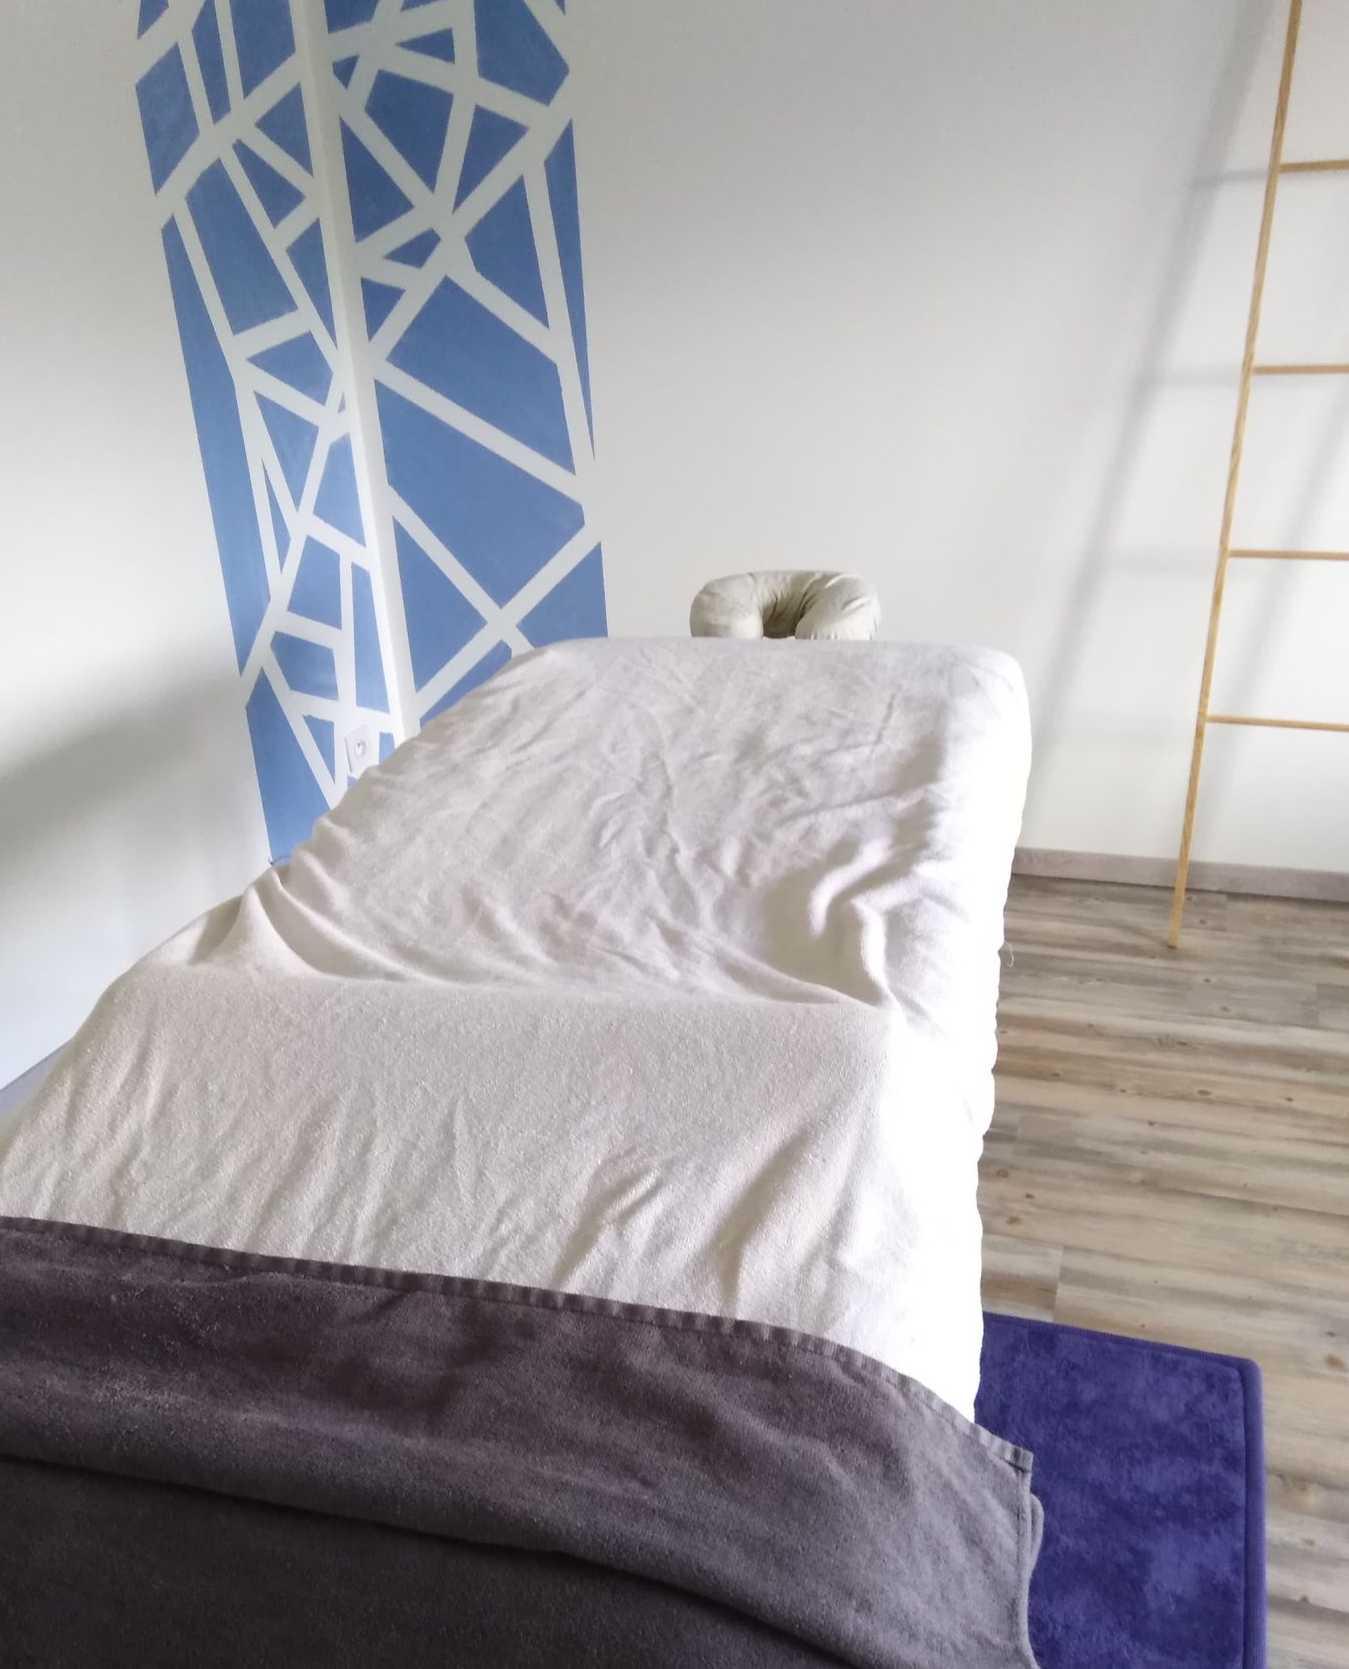 prisches massage